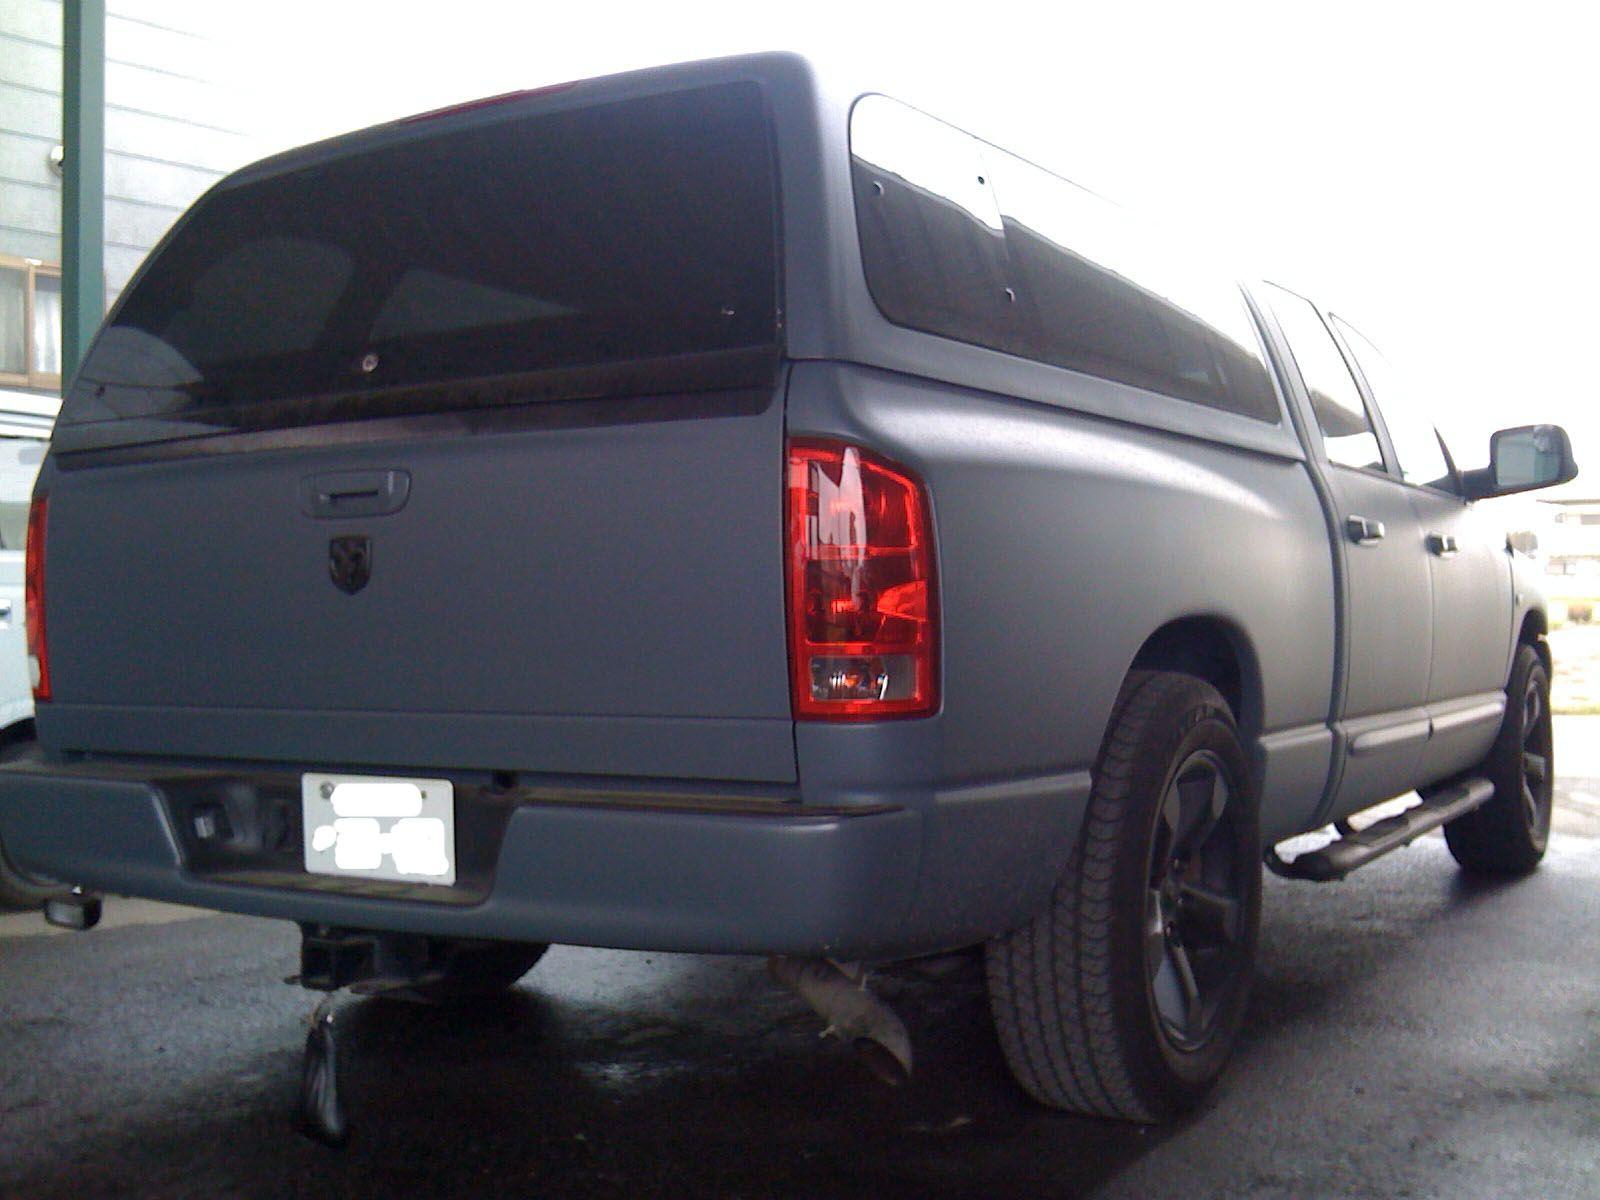 no446 ニックネーム しの メーカー名 車種 年式 ダッジラムトラック2006年式 アピールポイント 全塗装して約3年になります カラーは つや消しブルーグレーです ホイールは つや消しブラック 少し赤みがかってます です 車高はほんの少しさげ